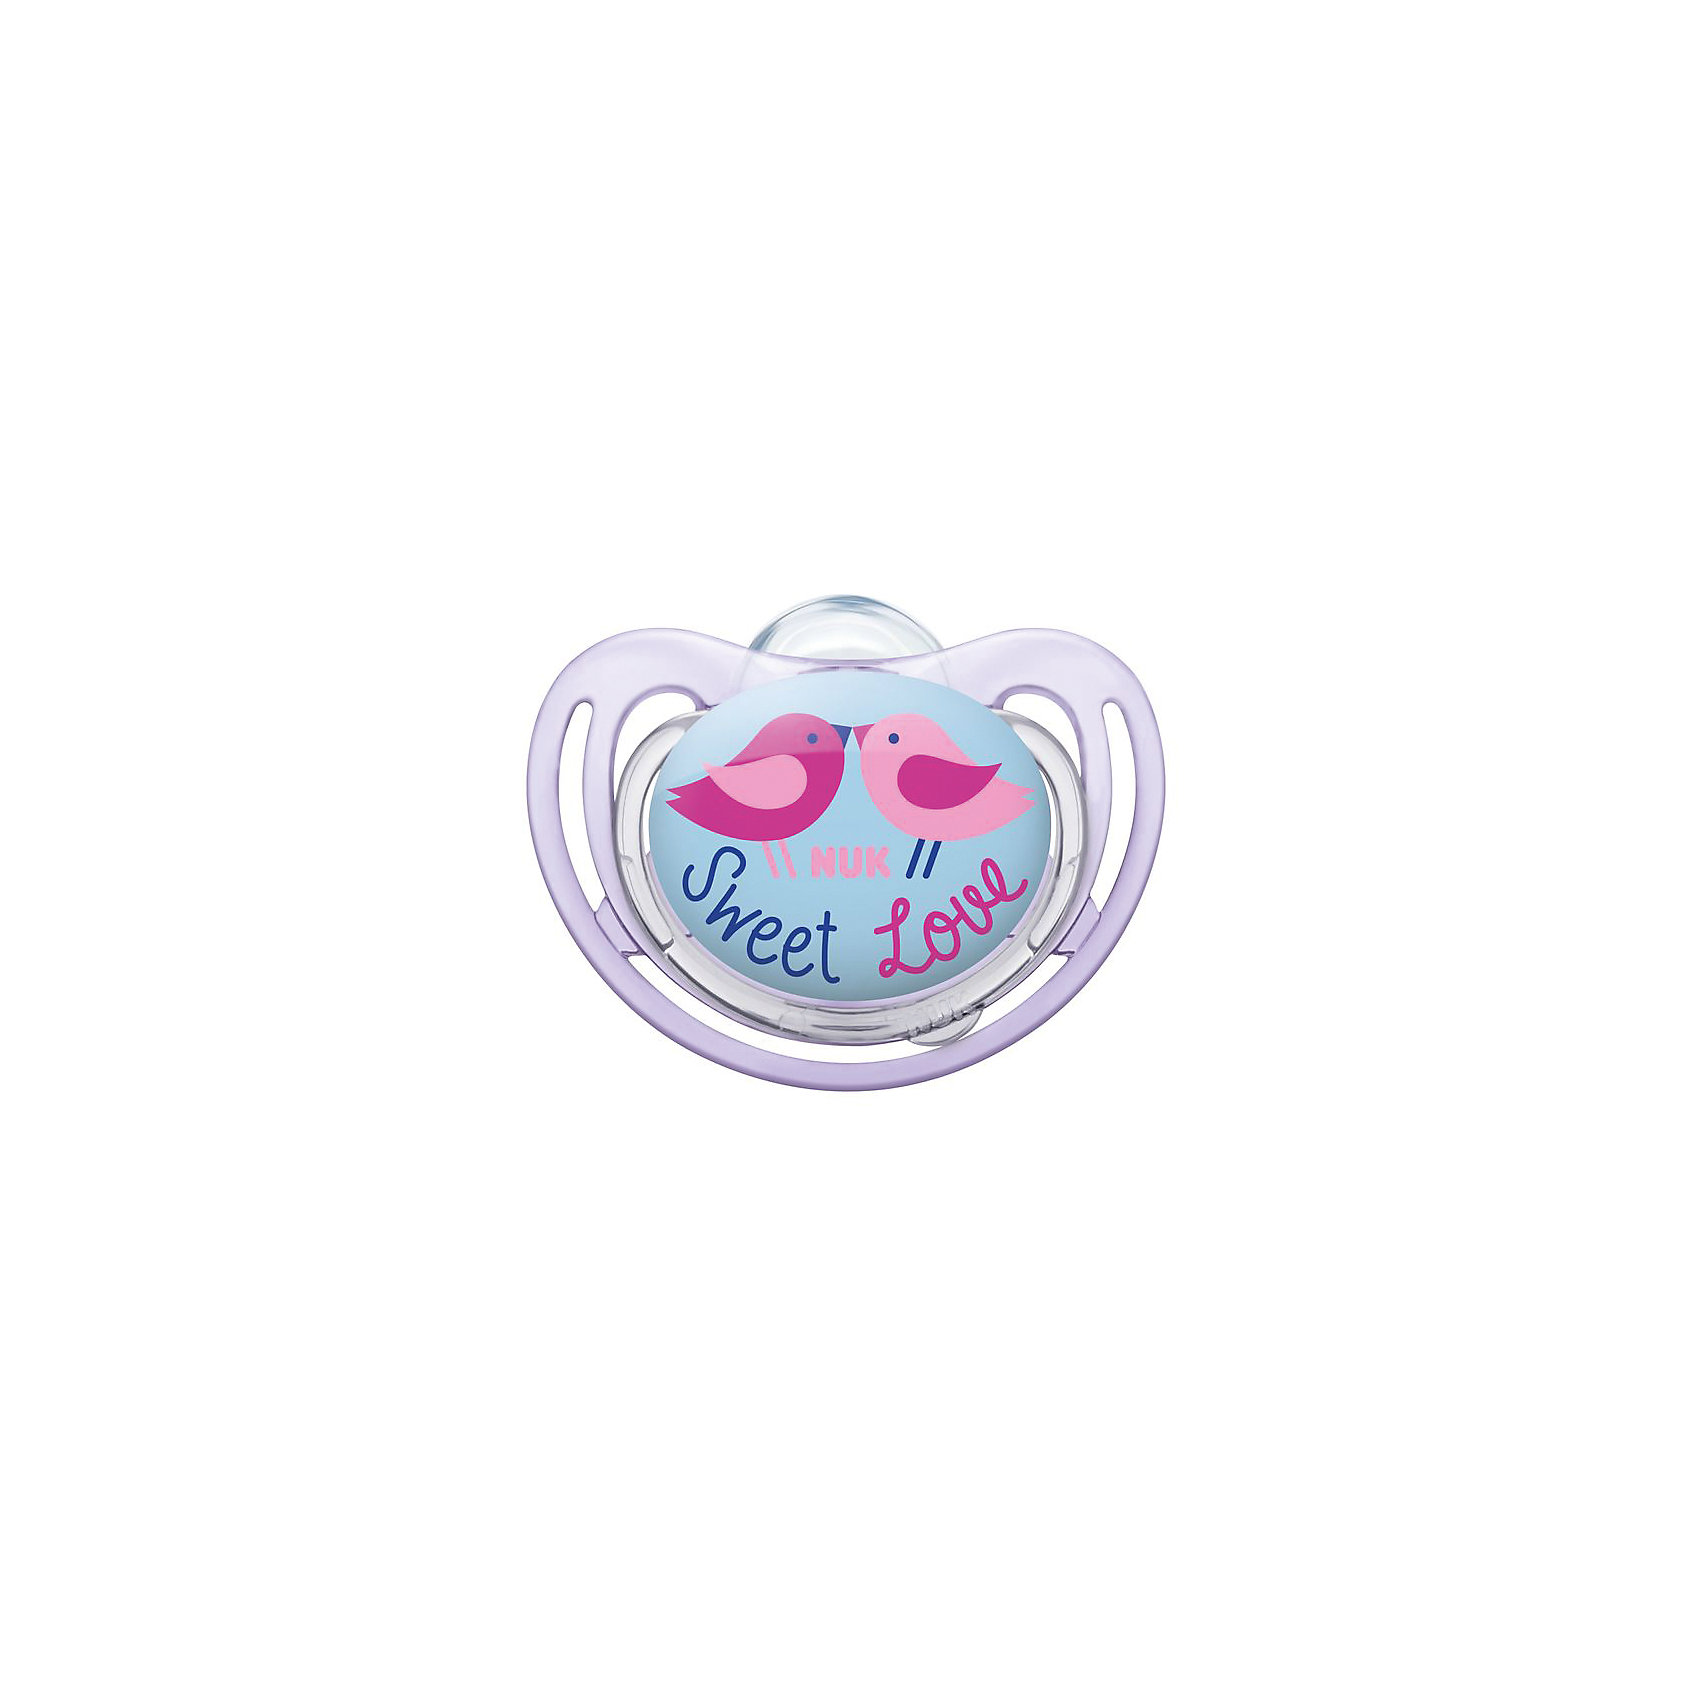 Ортодонтическая силиконовая соска-пустышка для сна FREESTYLE Птички, 6-18 мес, NUKСиликоновая ортодонтическая пустышка NUK FreeStyle.Продукция серии NUK Freestyle порадует каждого, так как все продукты не только привлекают внимание, но и досконально продуманы.Ортодонтическая форма пустышки полностью повторяет форму соска матери во время кормления и позволяет кормить ребенка естественным способом.Благодаря анатомической форме пустышка идеально подходит по форме к ротовой полости.Пустышка оснащена специальным клапаном NUK AIR SYSTEM, благодаря которому соска остается мягкой и не теряет форму даже тогда, когда из нее выходит воздух.Изготовлена из высококачественного силикона. Силикон - прочный гипоаллергенный материал, который не вступает в химическую реакцию со слюной, хорошо стерилизуется, не теряет форму и не впитывает запахи.<br><br>Ширина мм: 75<br>Глубина мм: 9999<br>Высота мм: 105<br>Вес г: 25<br>Возраст от месяцев: 6<br>Возраст до месяцев: 18<br>Пол: Женский<br>Возраст: Детский<br>SKU: 5405140